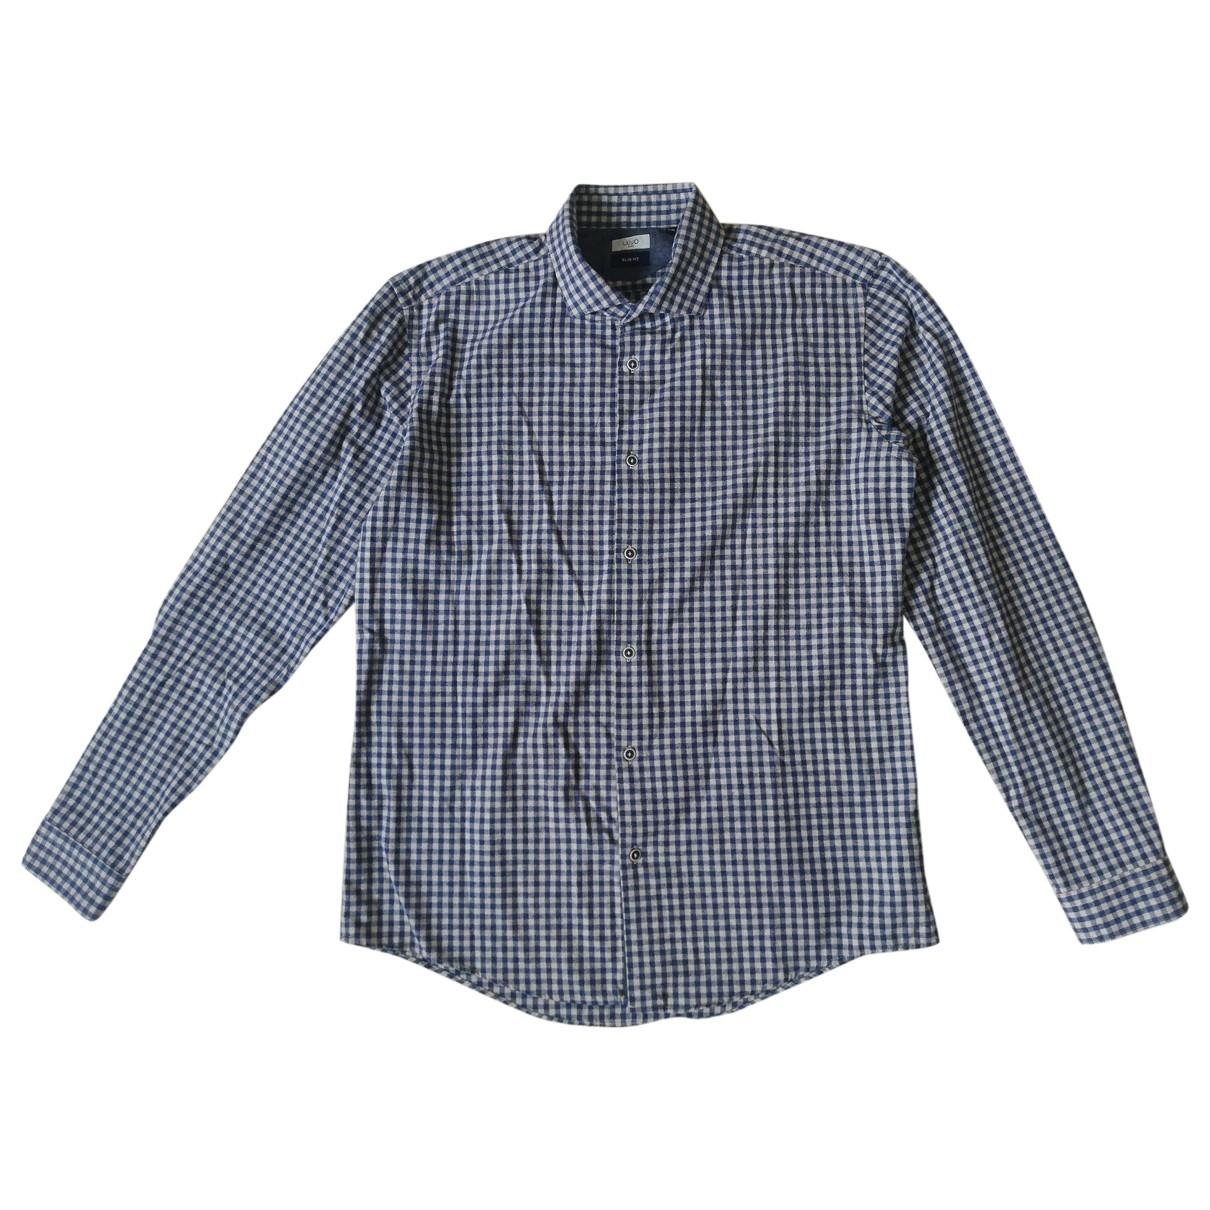 Liu.jo - Chemises   pour homme en coton - multicolore